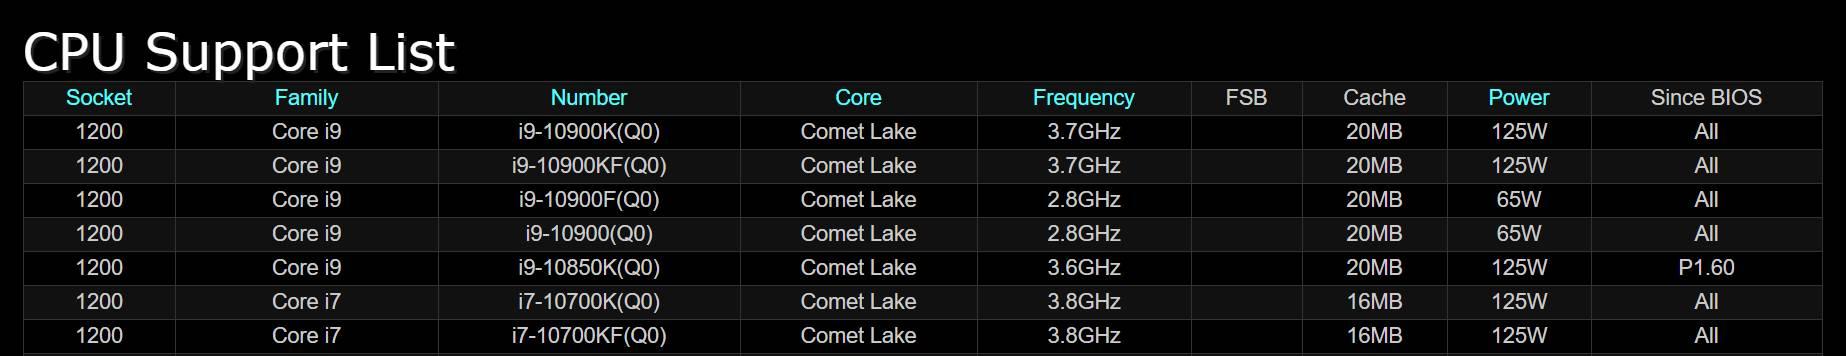 ASUS ASRock Intel Core i9-10850K Support